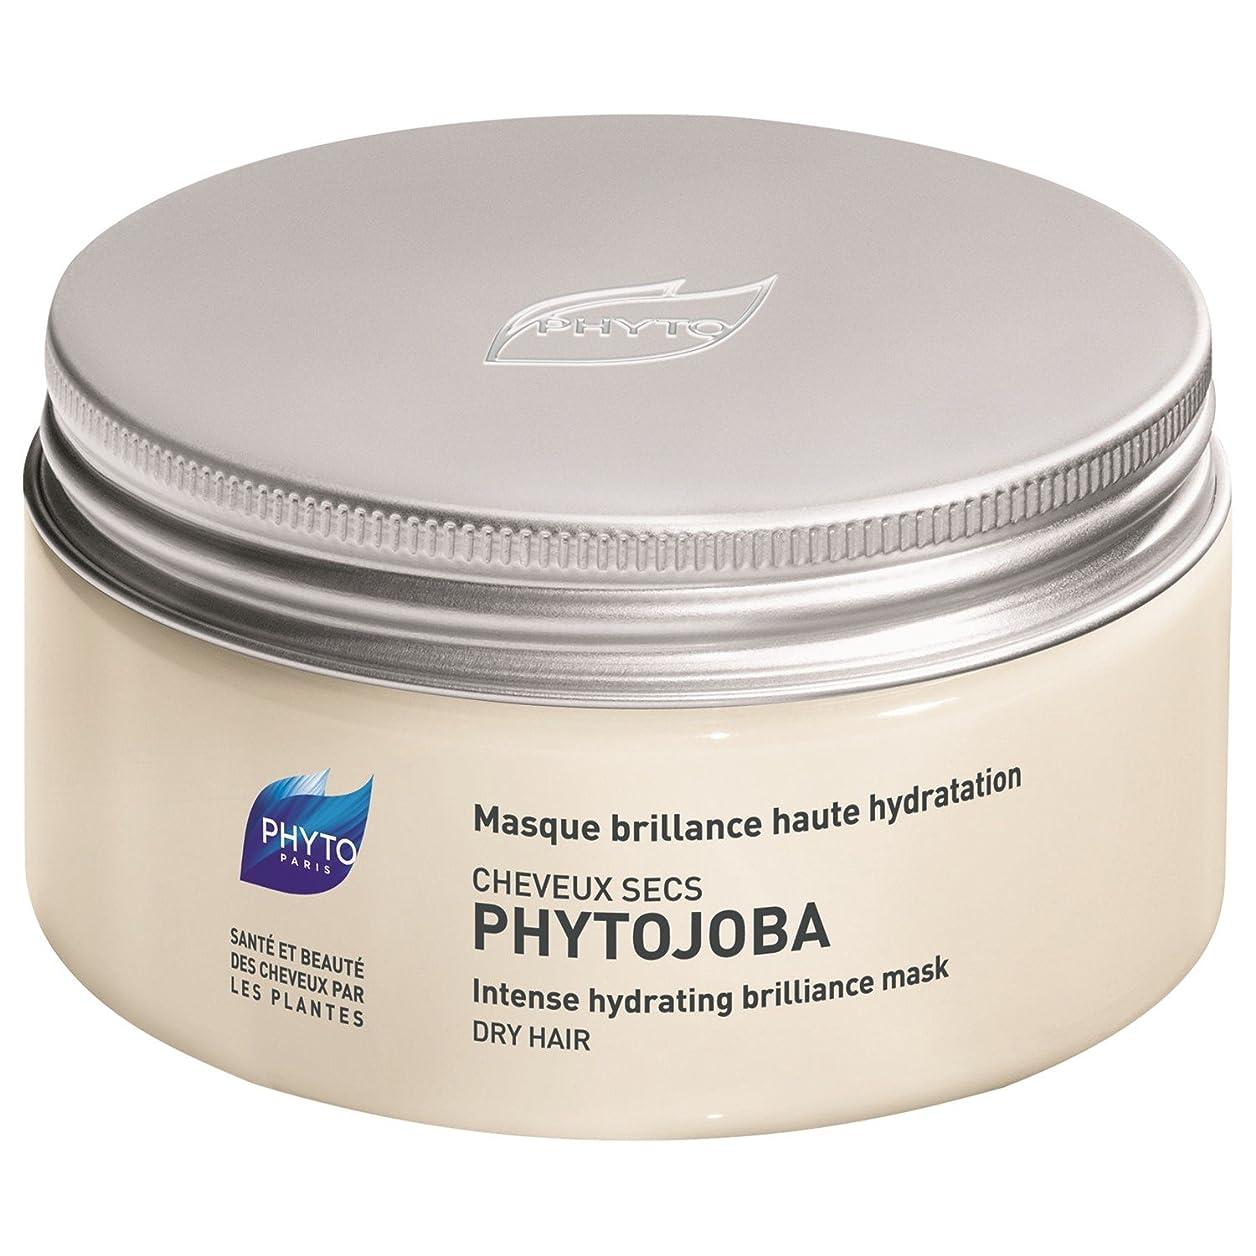 動機優しいきちんとしたフィトPhytojoba強烈な水分補給マスク200ミリリットル (Phyto) - Phyto Phytojoba Intense Hydrating Mask 200ml [並行輸入品]